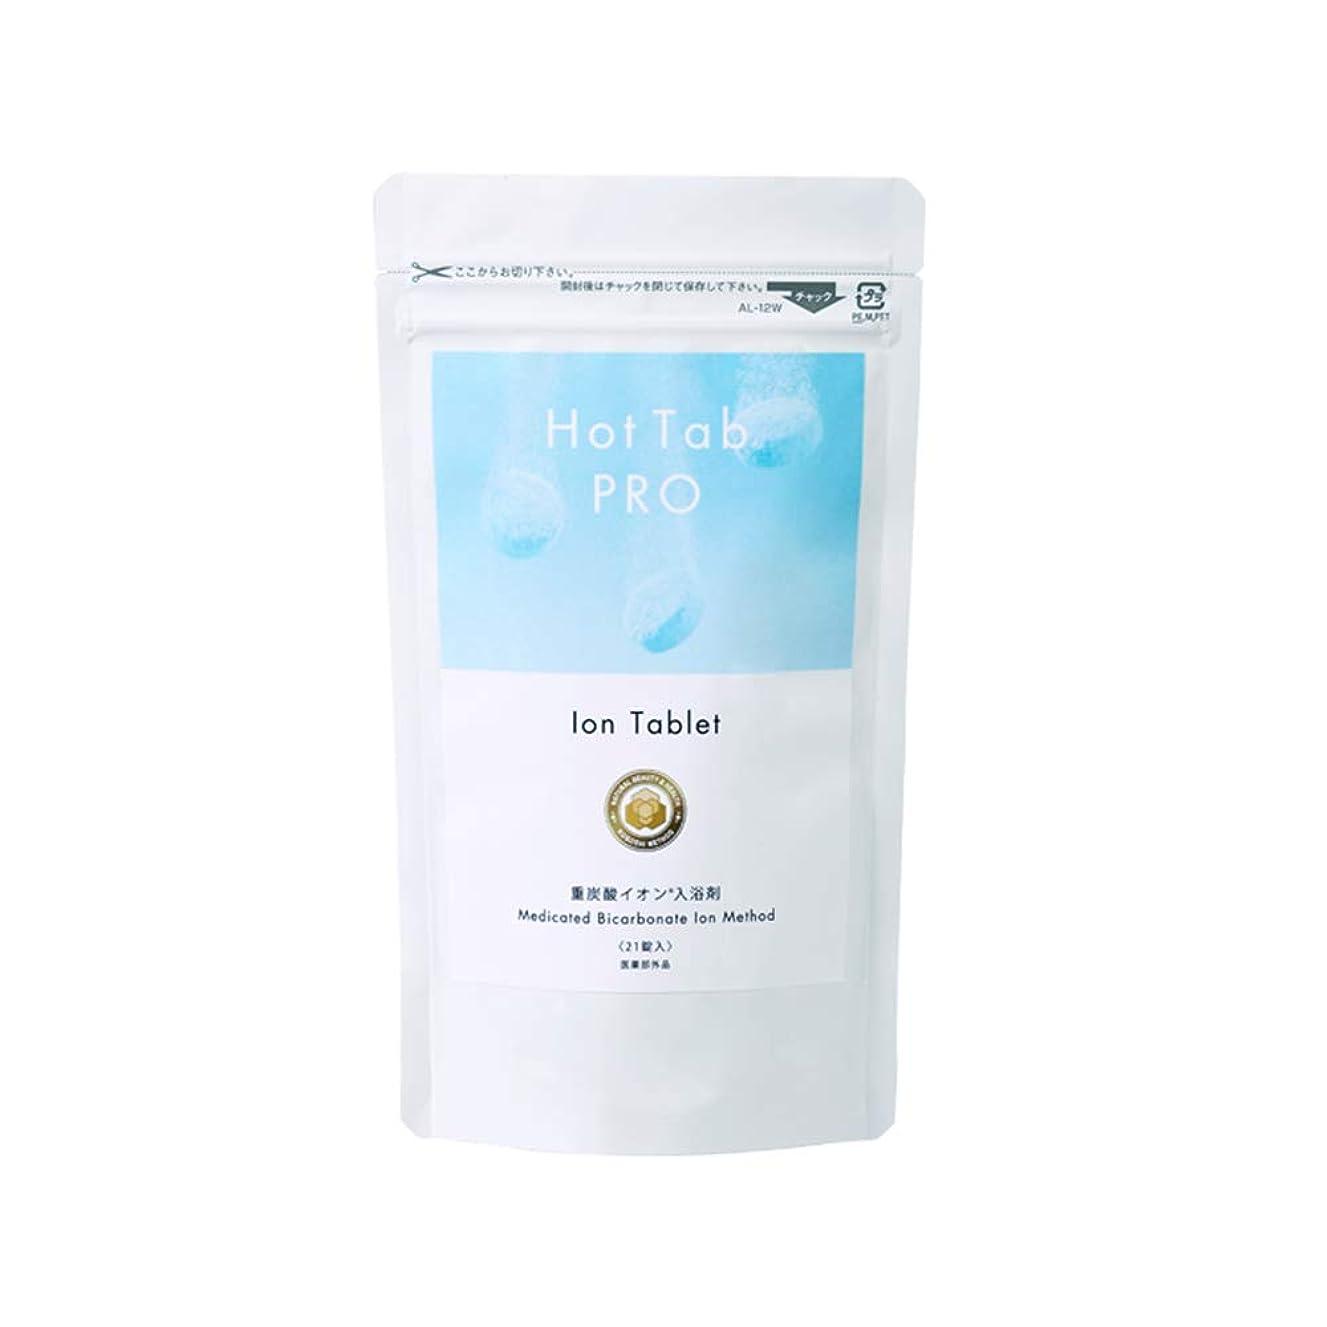 オプショナル受粉者テープ最新型 日本製なめらか重炭酸入浴剤「ホットタブPro」(デリケートな肌でも安心 無香料 無着色 中性pH) (21錠セット)